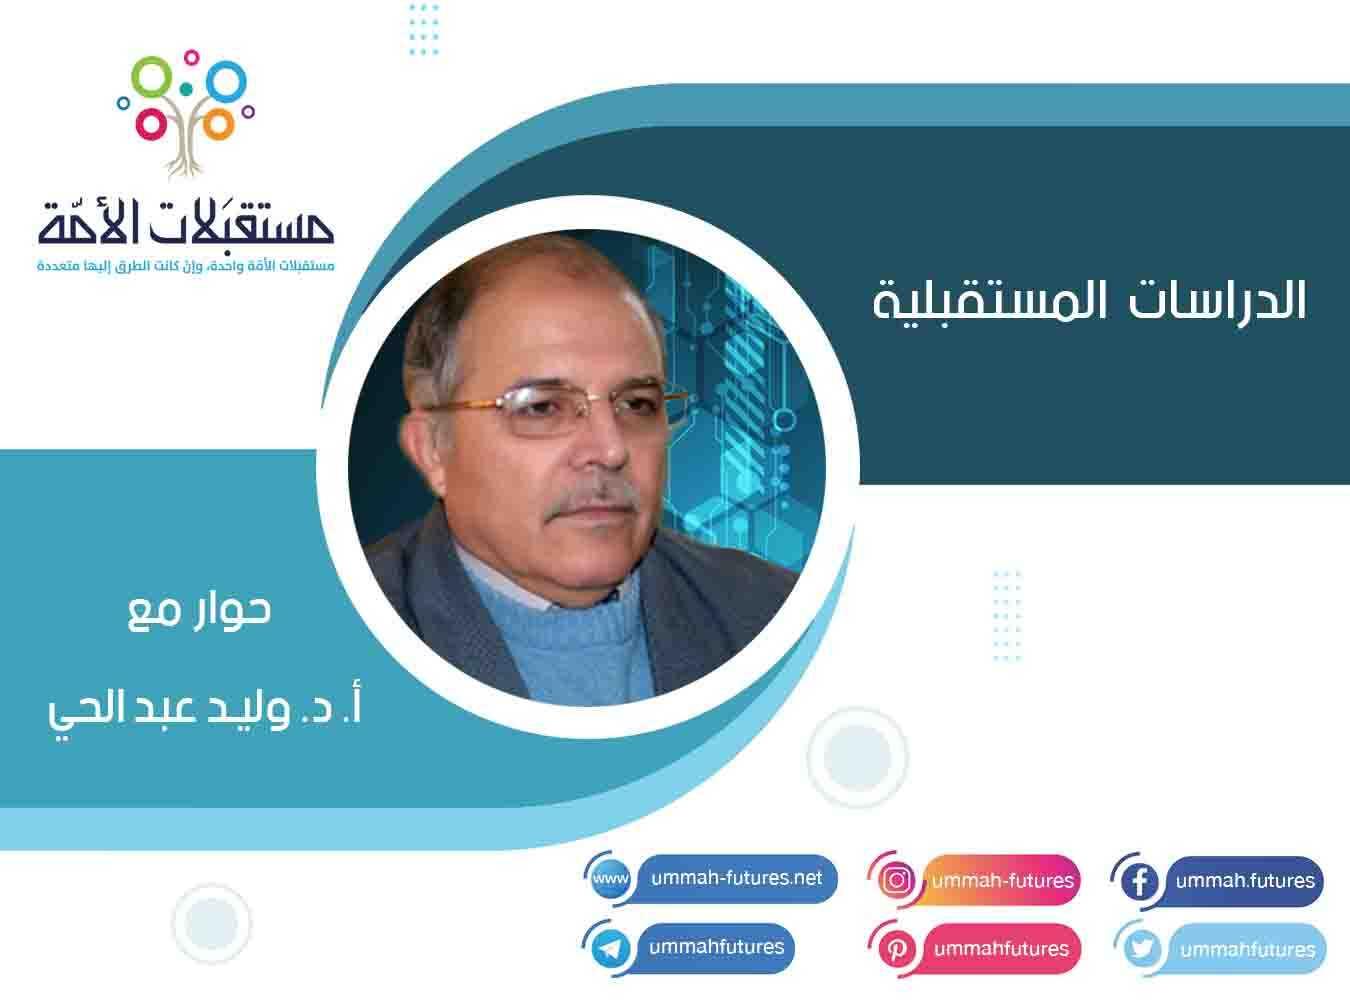 الدراسات المستقبلية | حوار مع الأستاذ الدكتور وليد عبد الحي